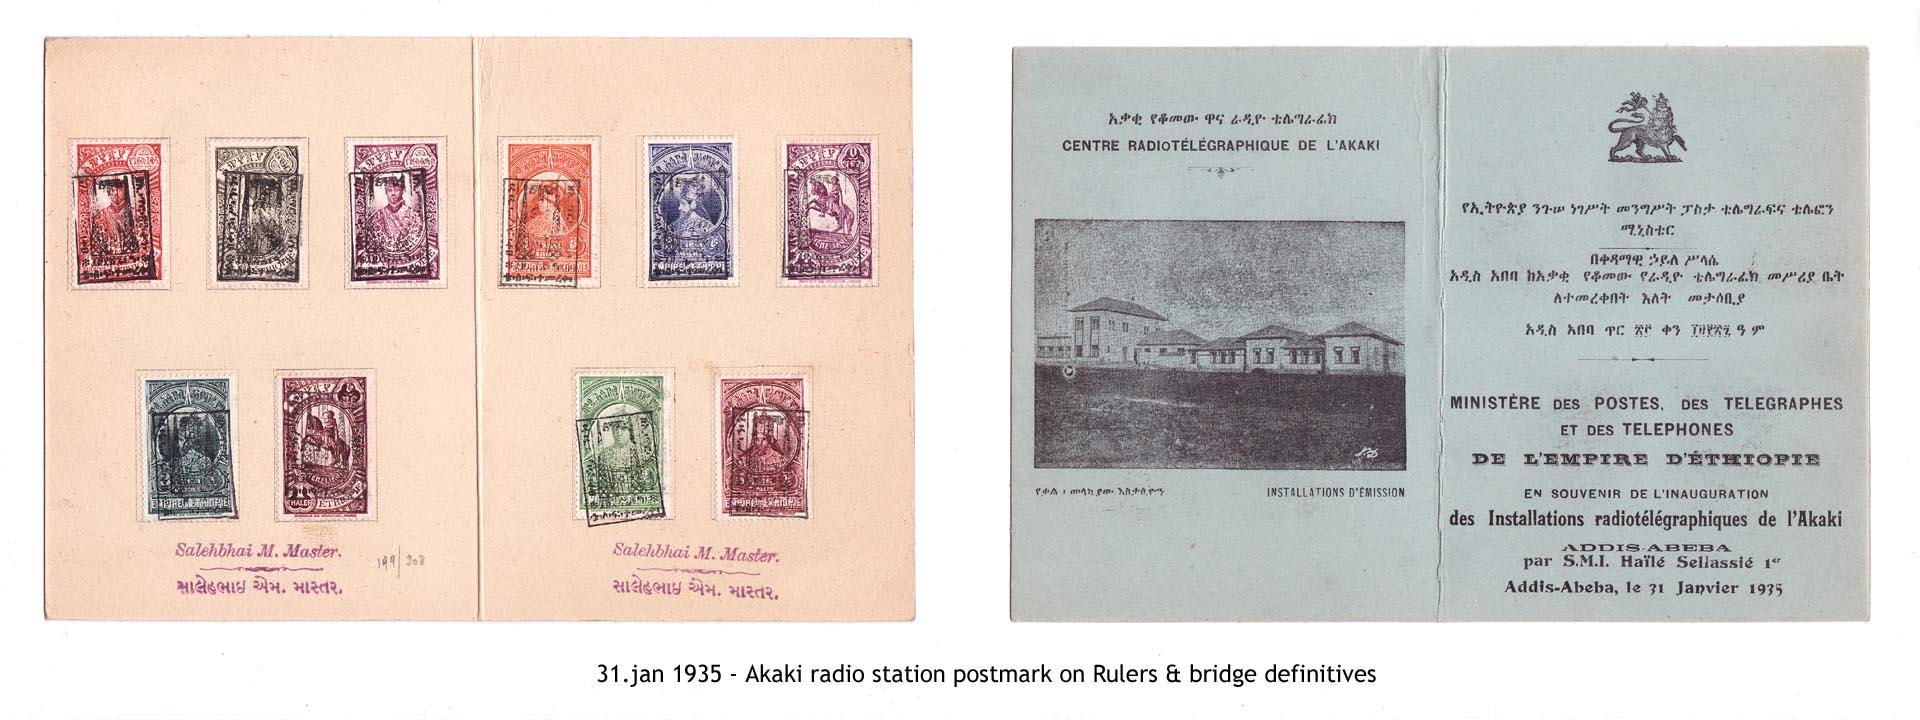 19350131 - Akaki radio station postmark on Rulers & bridge definitives